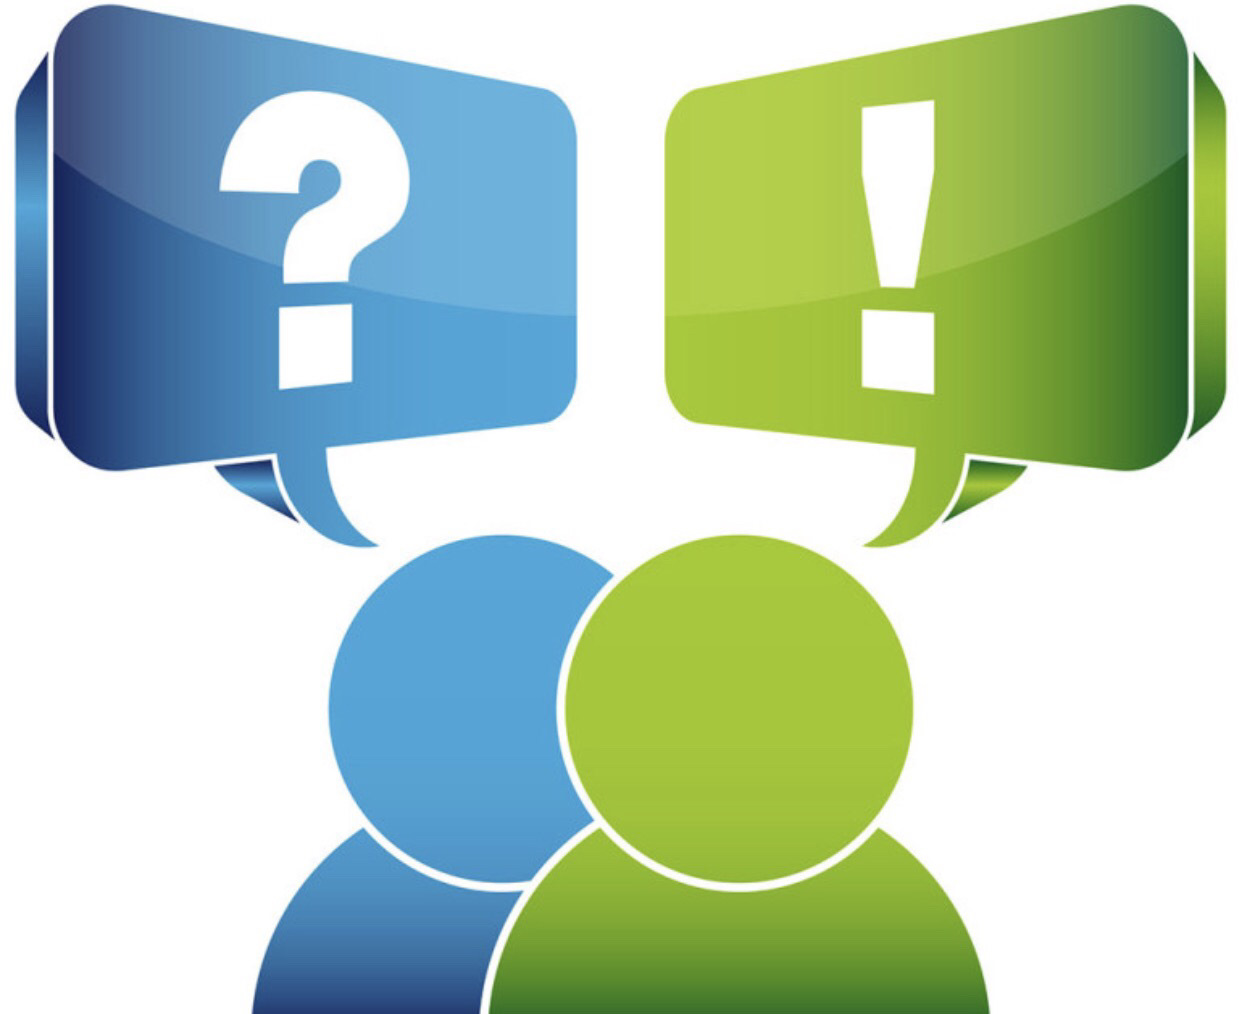 Как оформить сделку купли-продажи квартиры?